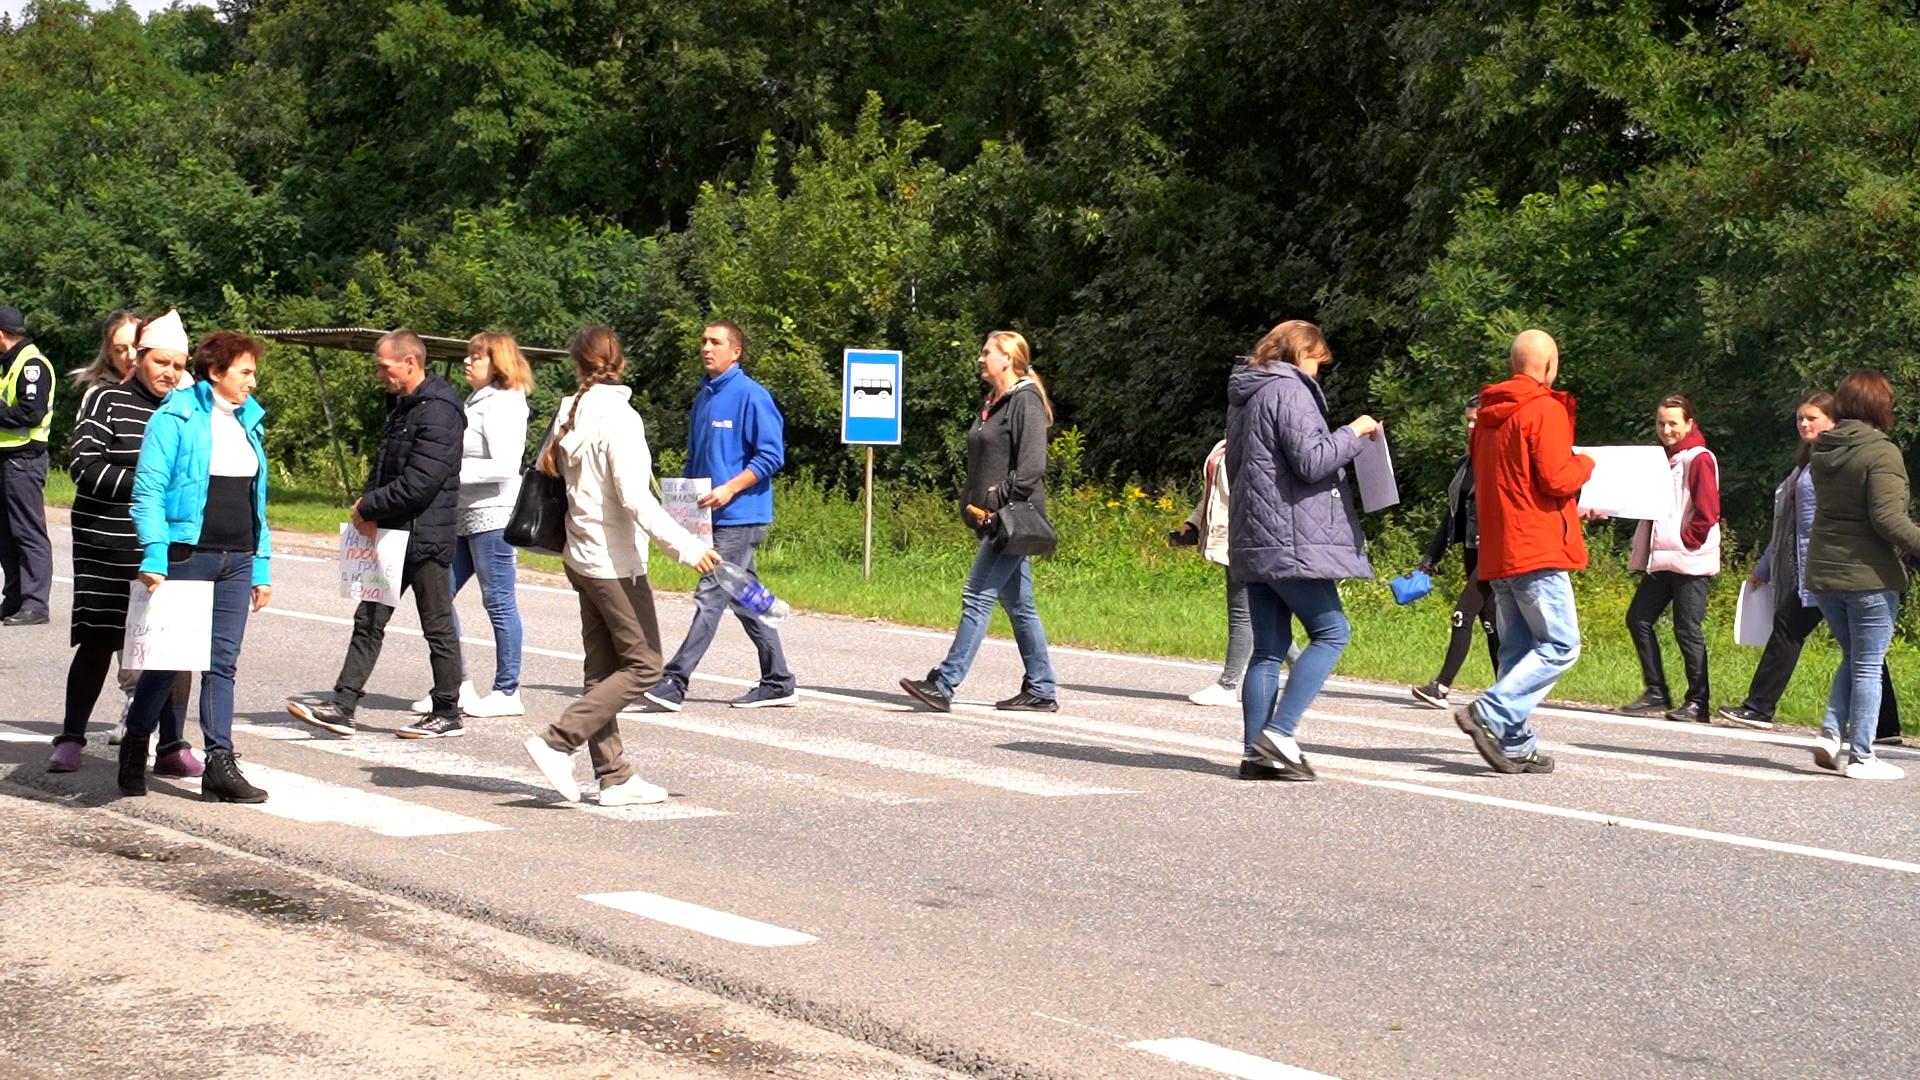 За тиждень до 1 вересня закрили школу: у Кременецькій ОТГ учні бездоріжжям добираються на навчання